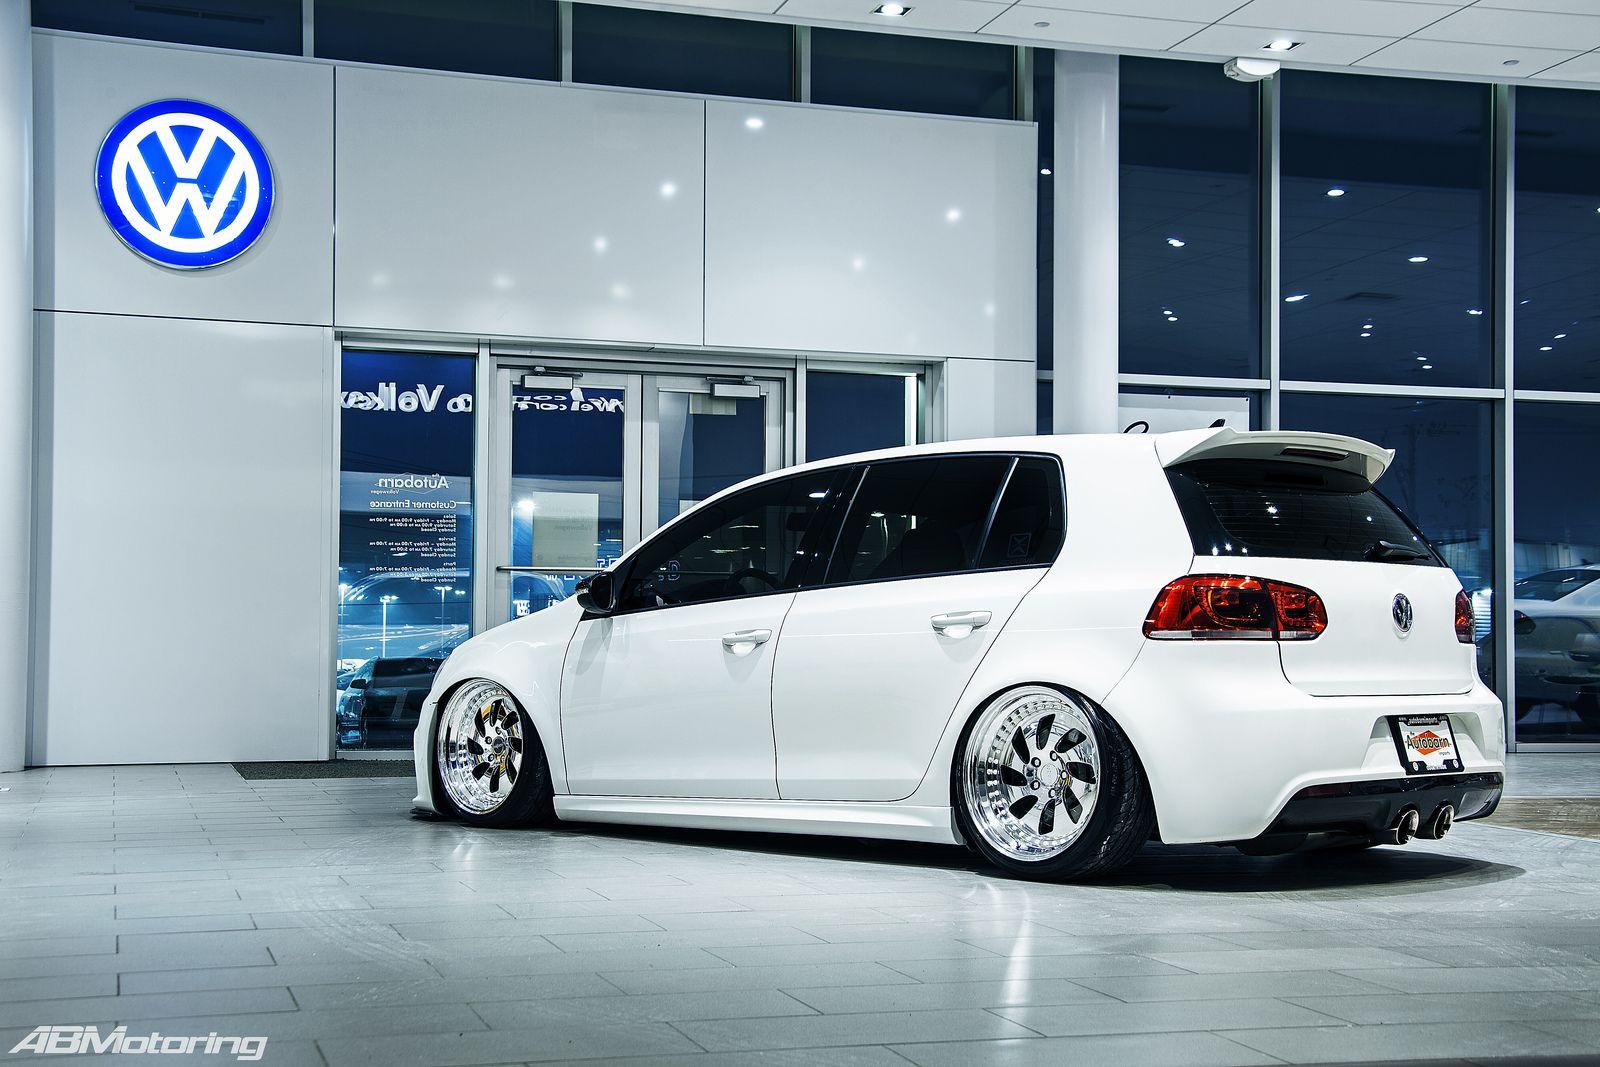 Vw Golf Mk6 Stancenation Volkswagen Golf Volkswagen Gti